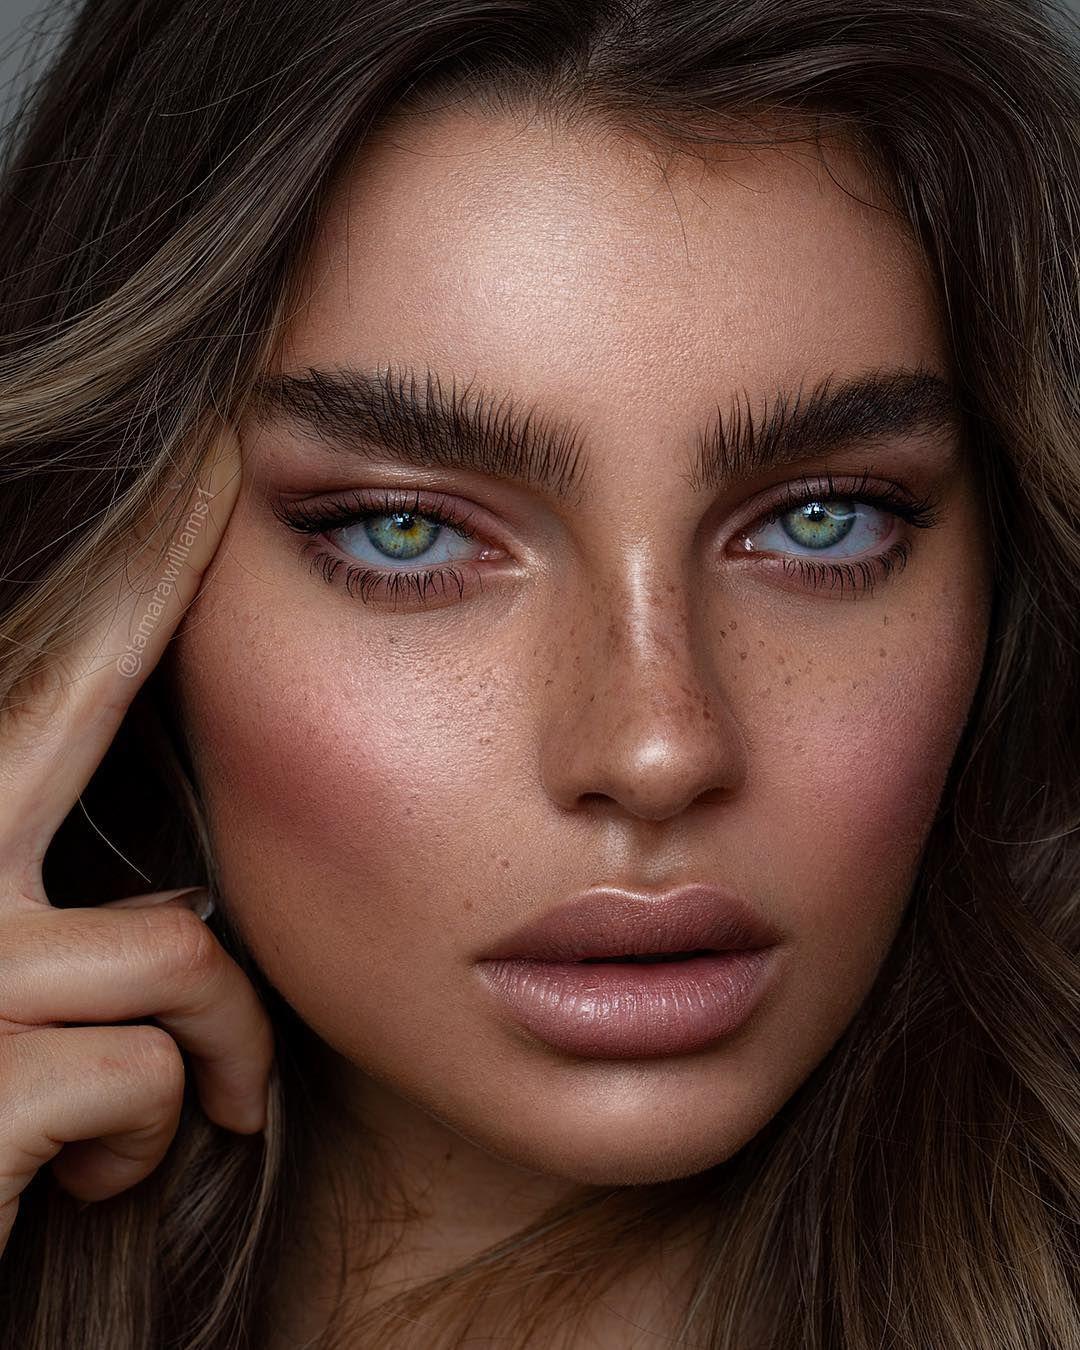 свет фото женских лиц макияж можете подарить